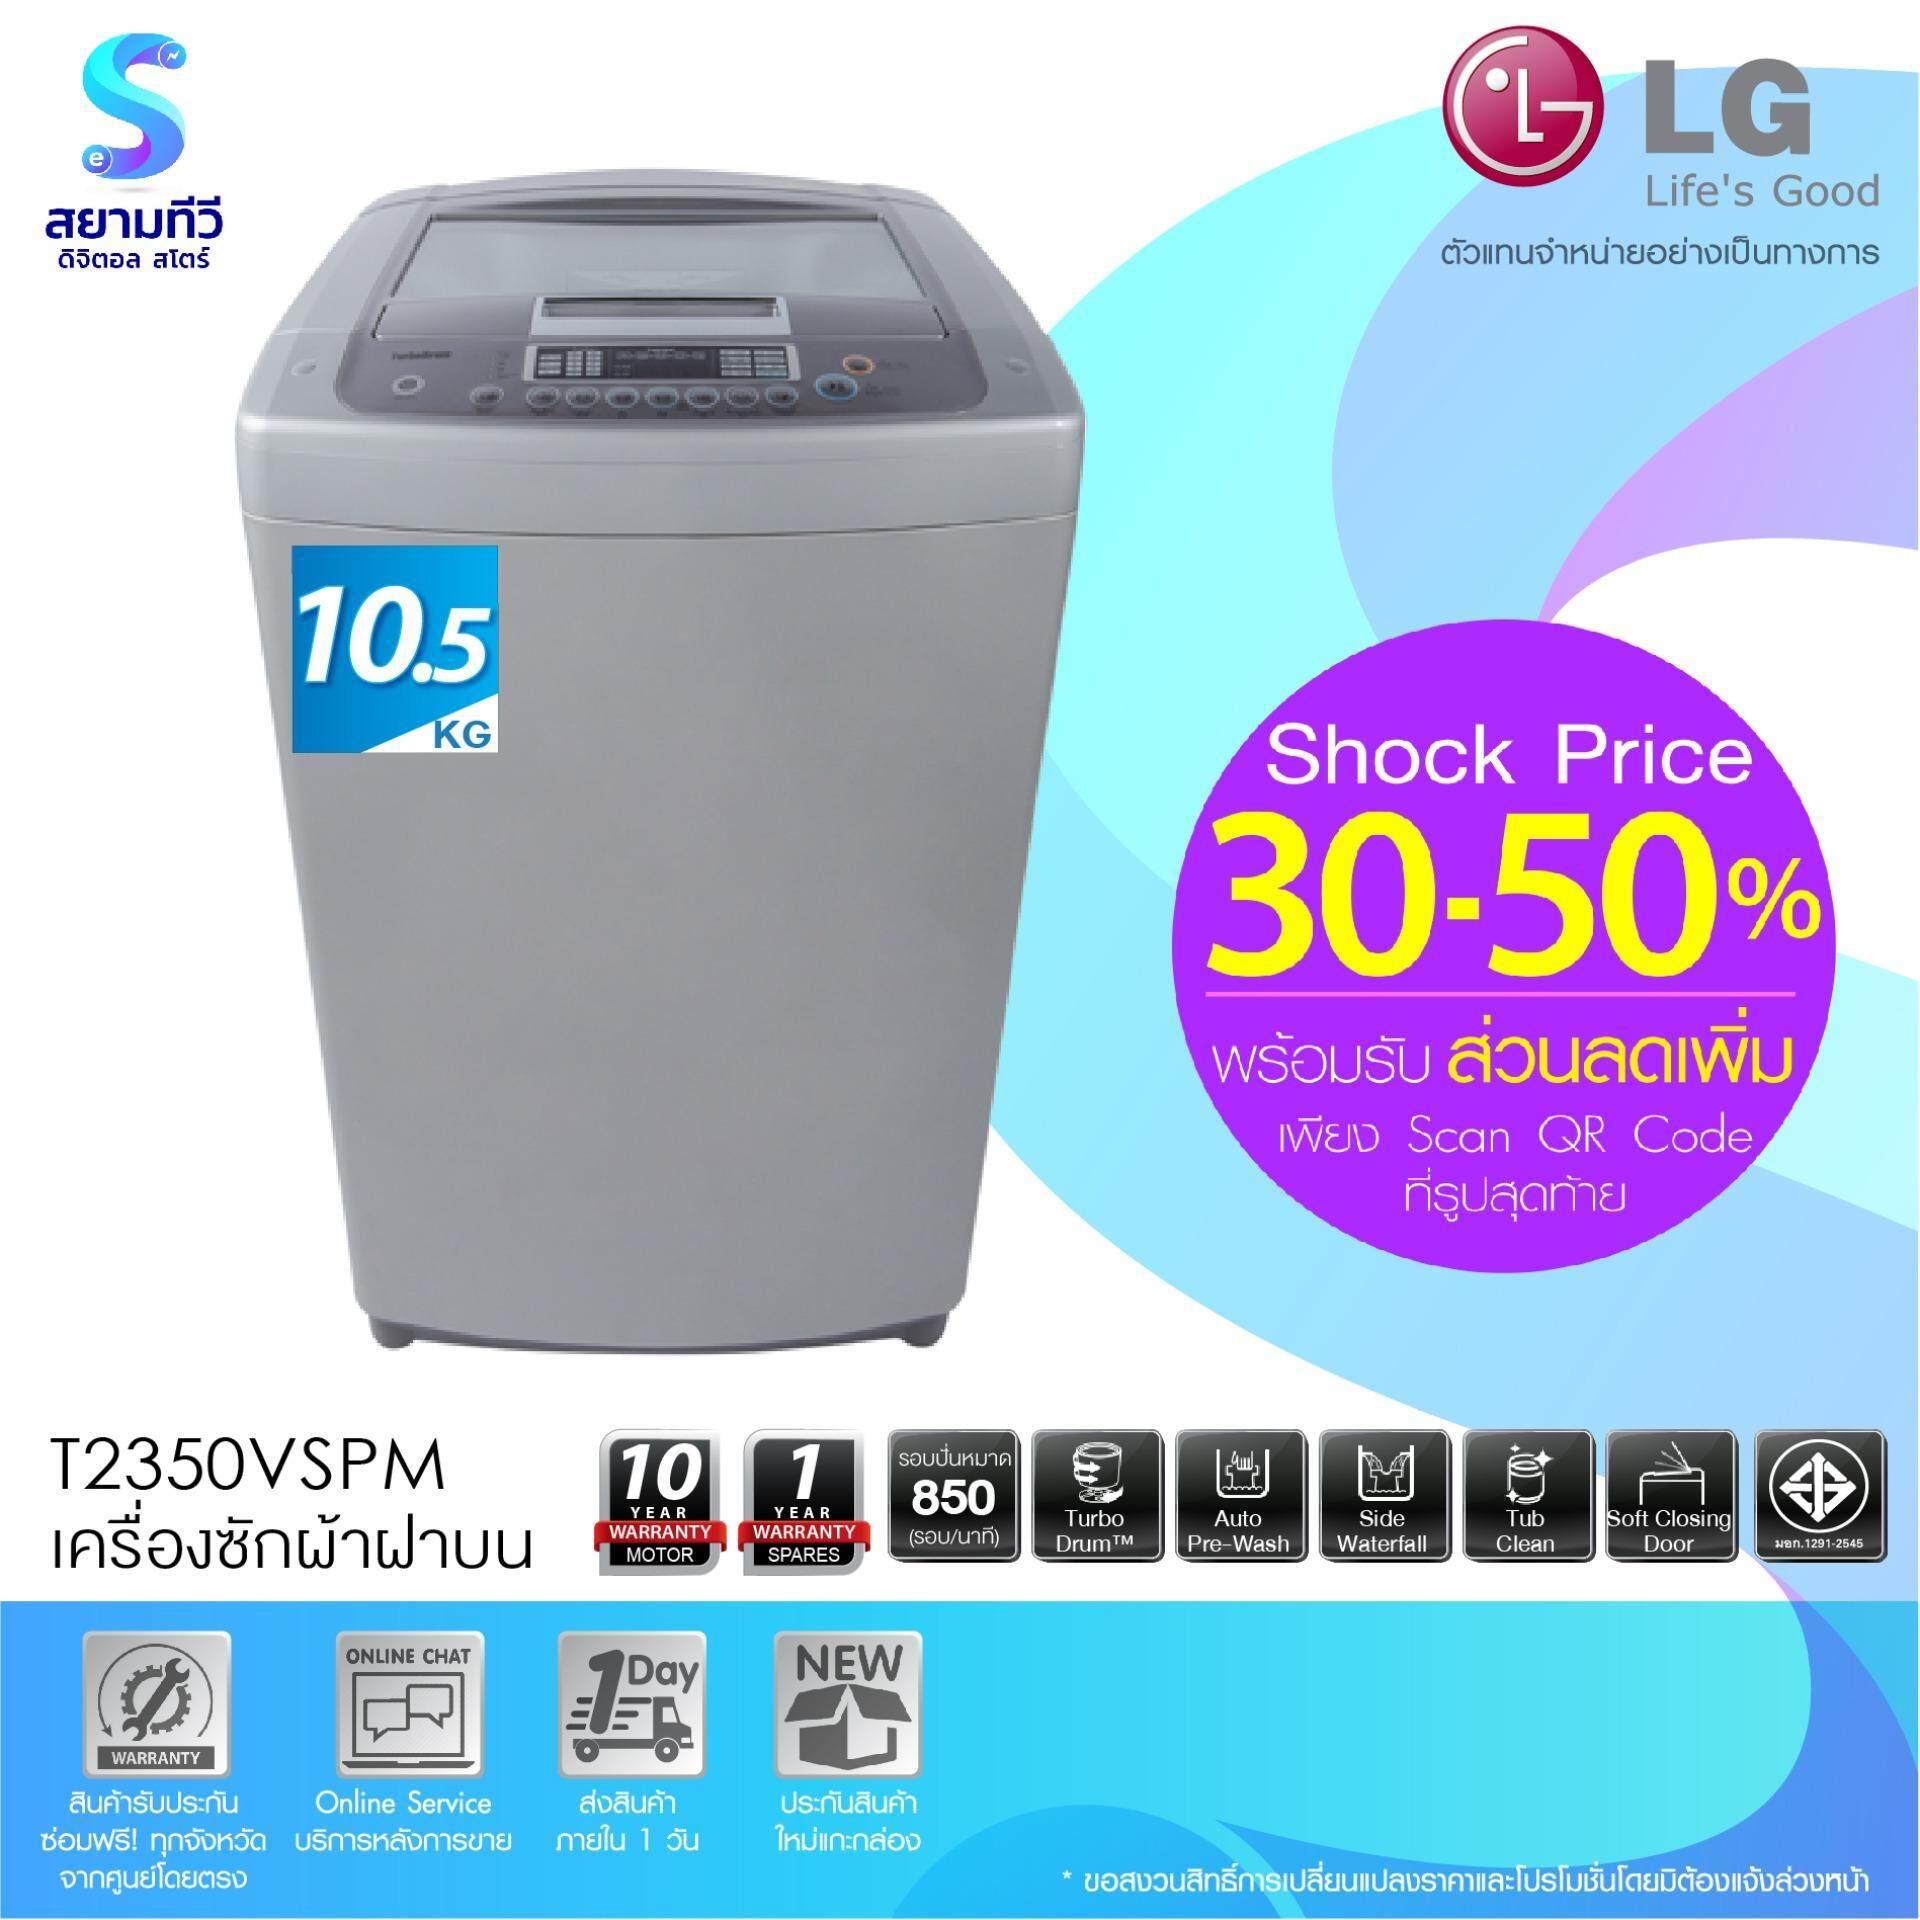 เครื่องซักผ้าอัตโนมัติฝาบน LG รุ่น T2350VSPM (Grey)